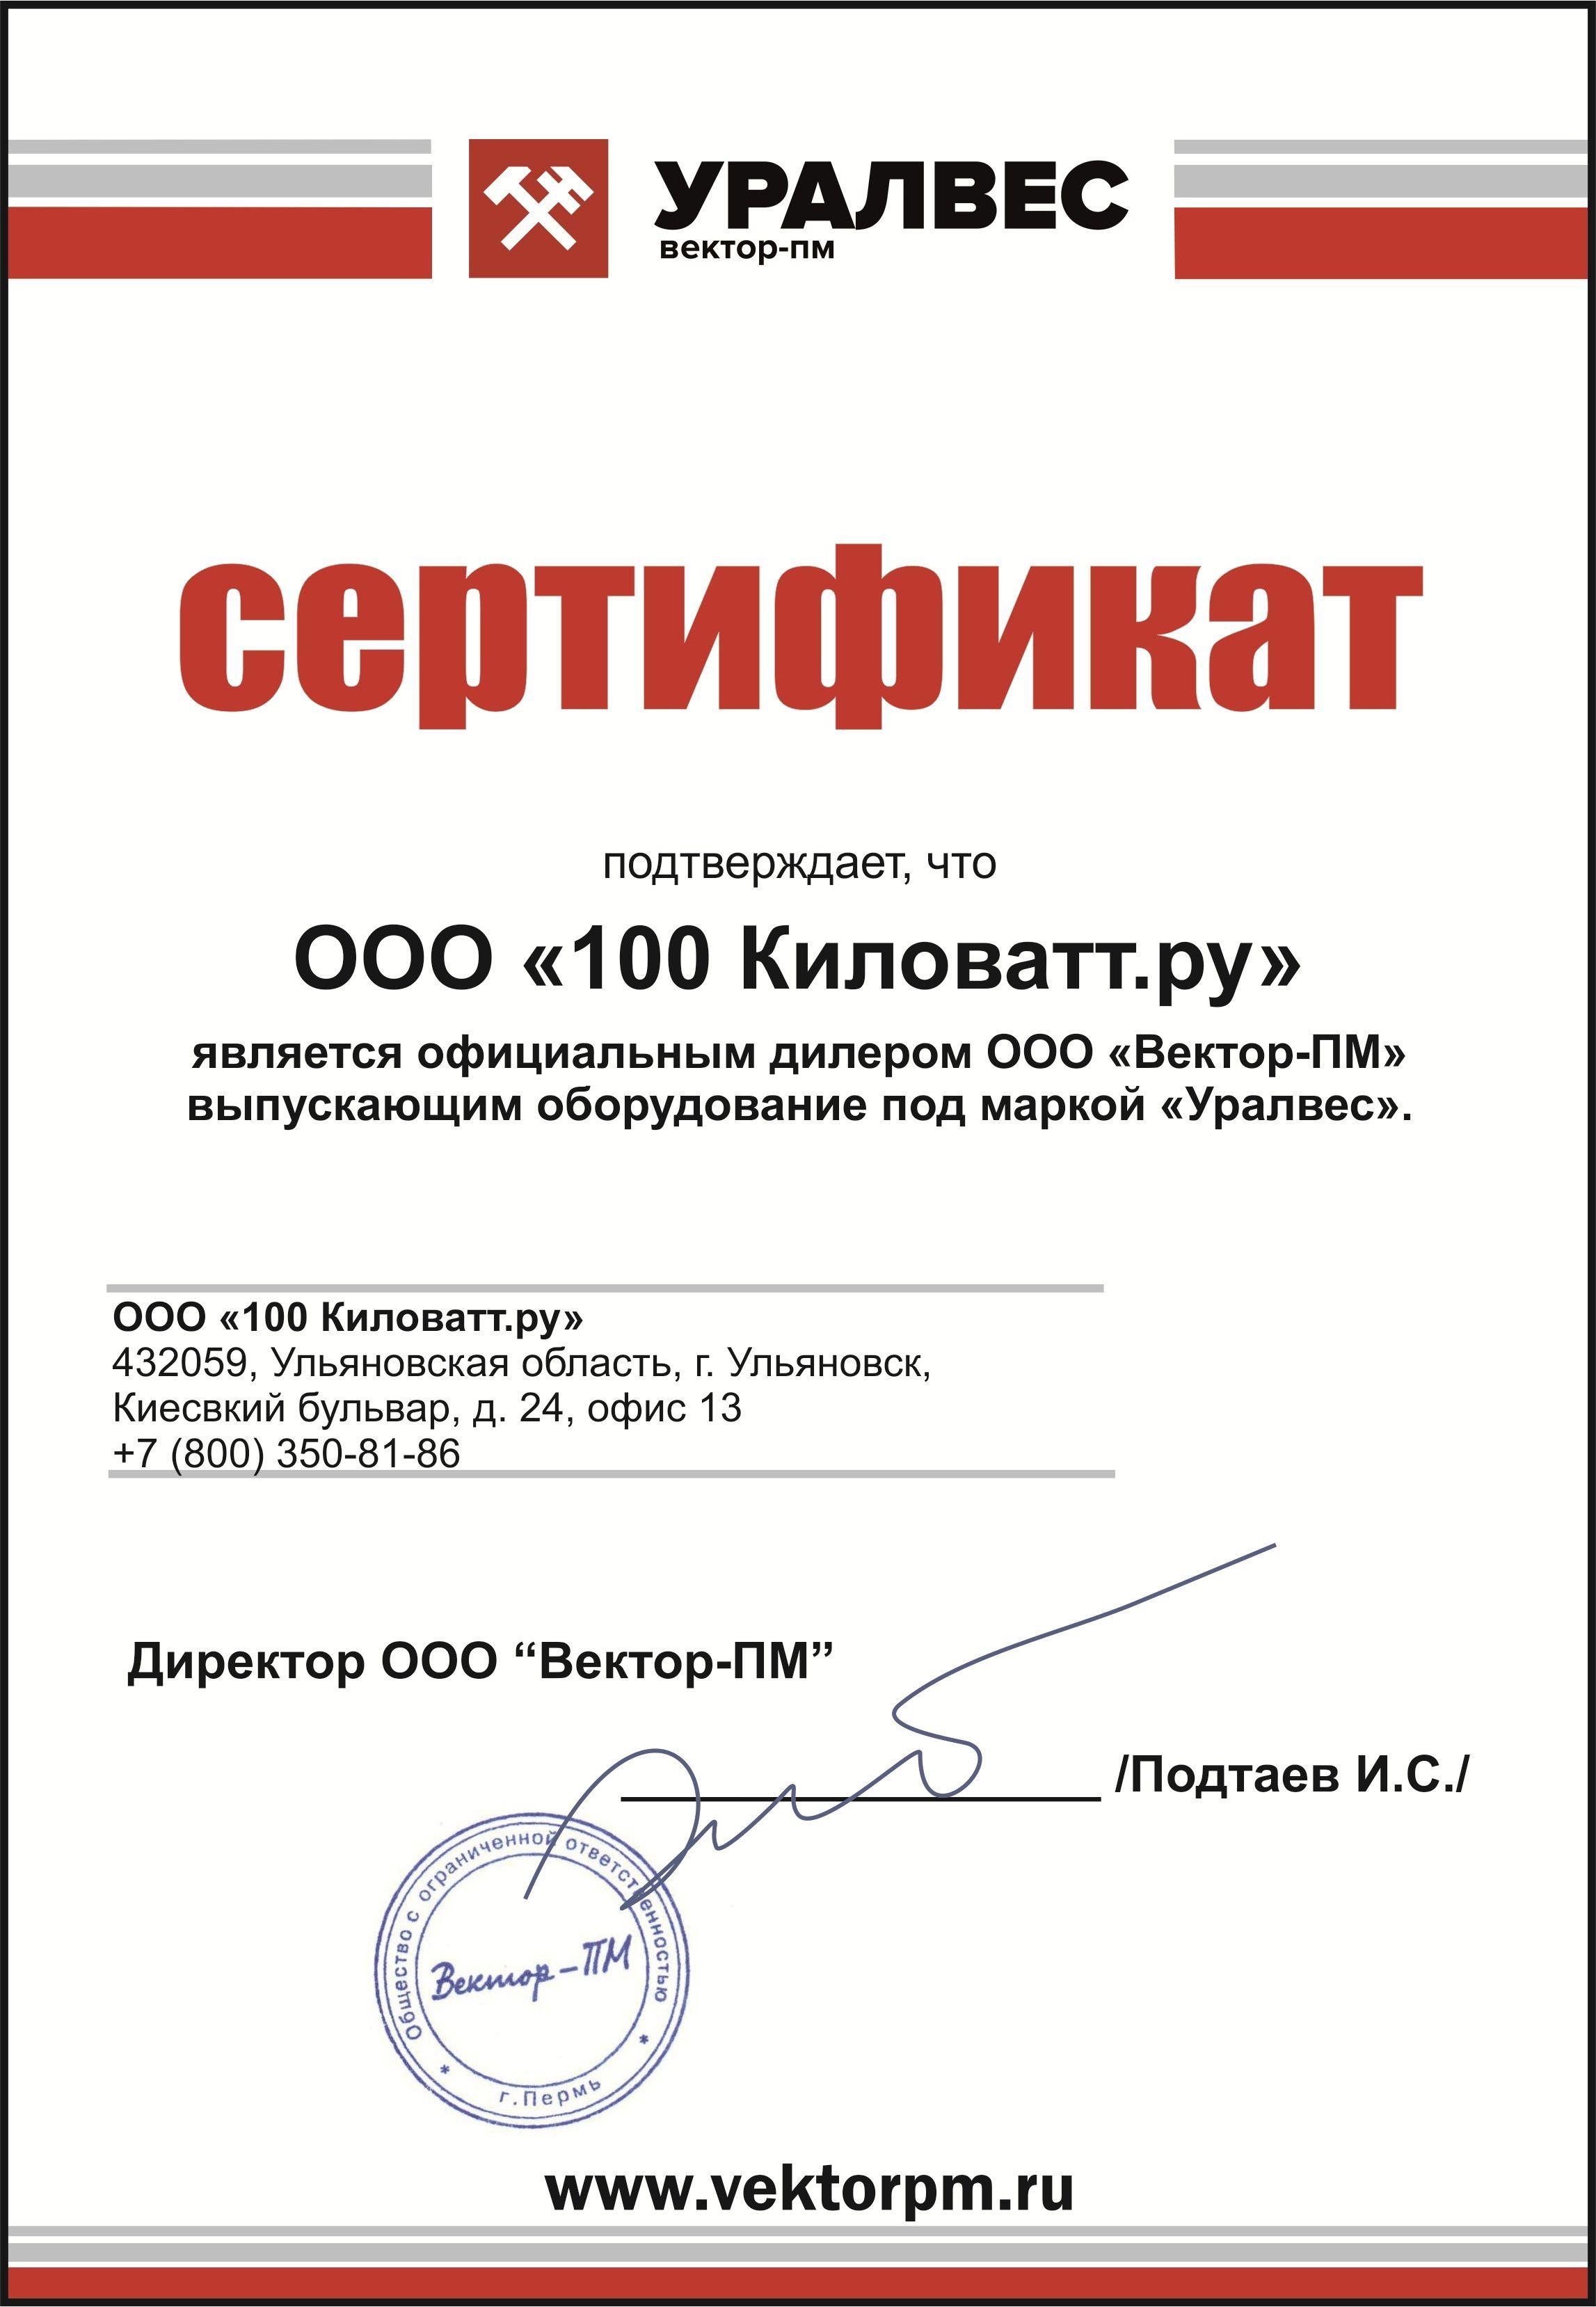 ООО «Вектор-ПМ» - Сертификат дилера